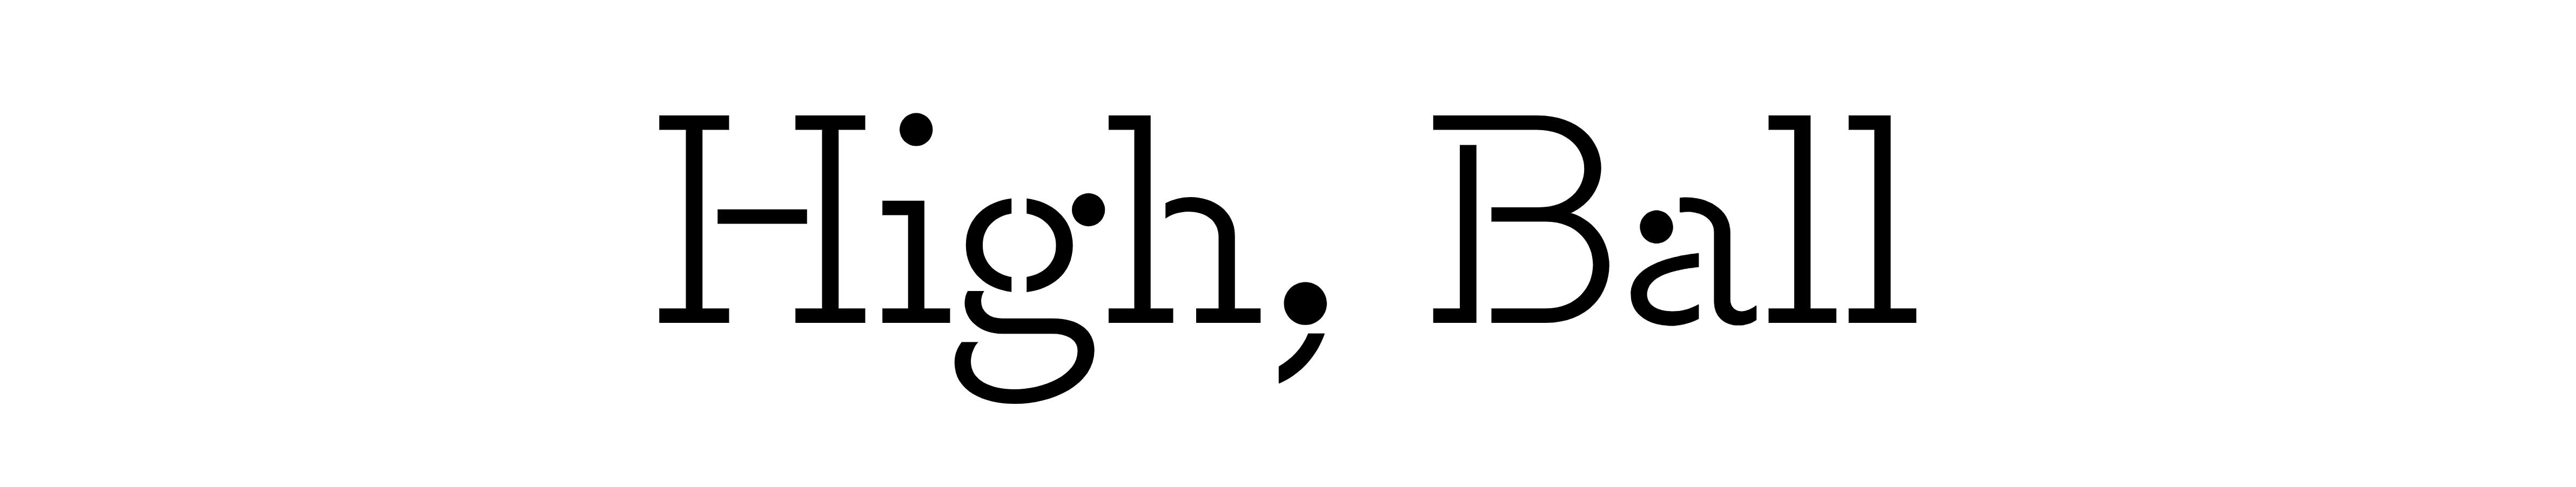 High Ball (Stencil)